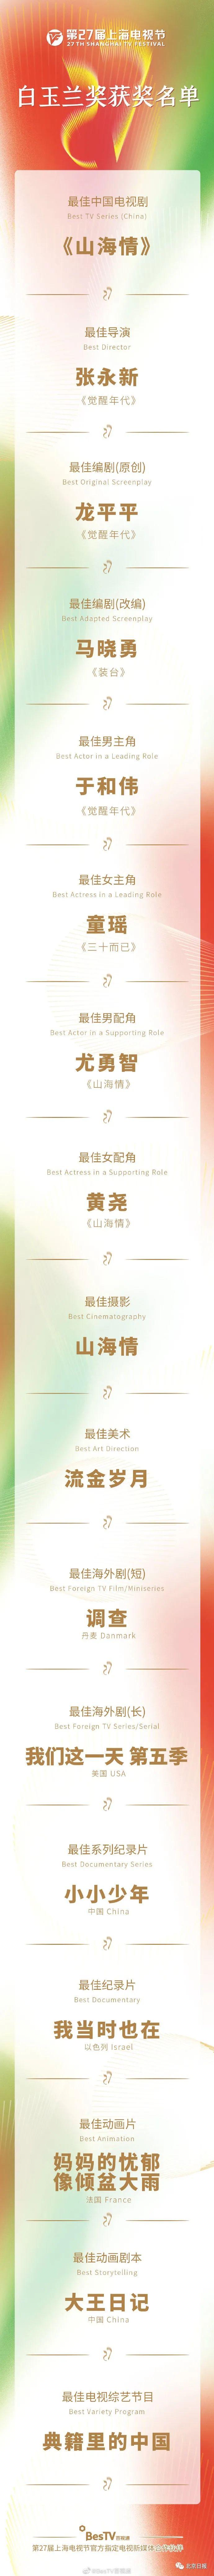 """白玉蘭獎揭曉!《覺醒年代》《山海情》成""""大贏傢""""-圖7"""